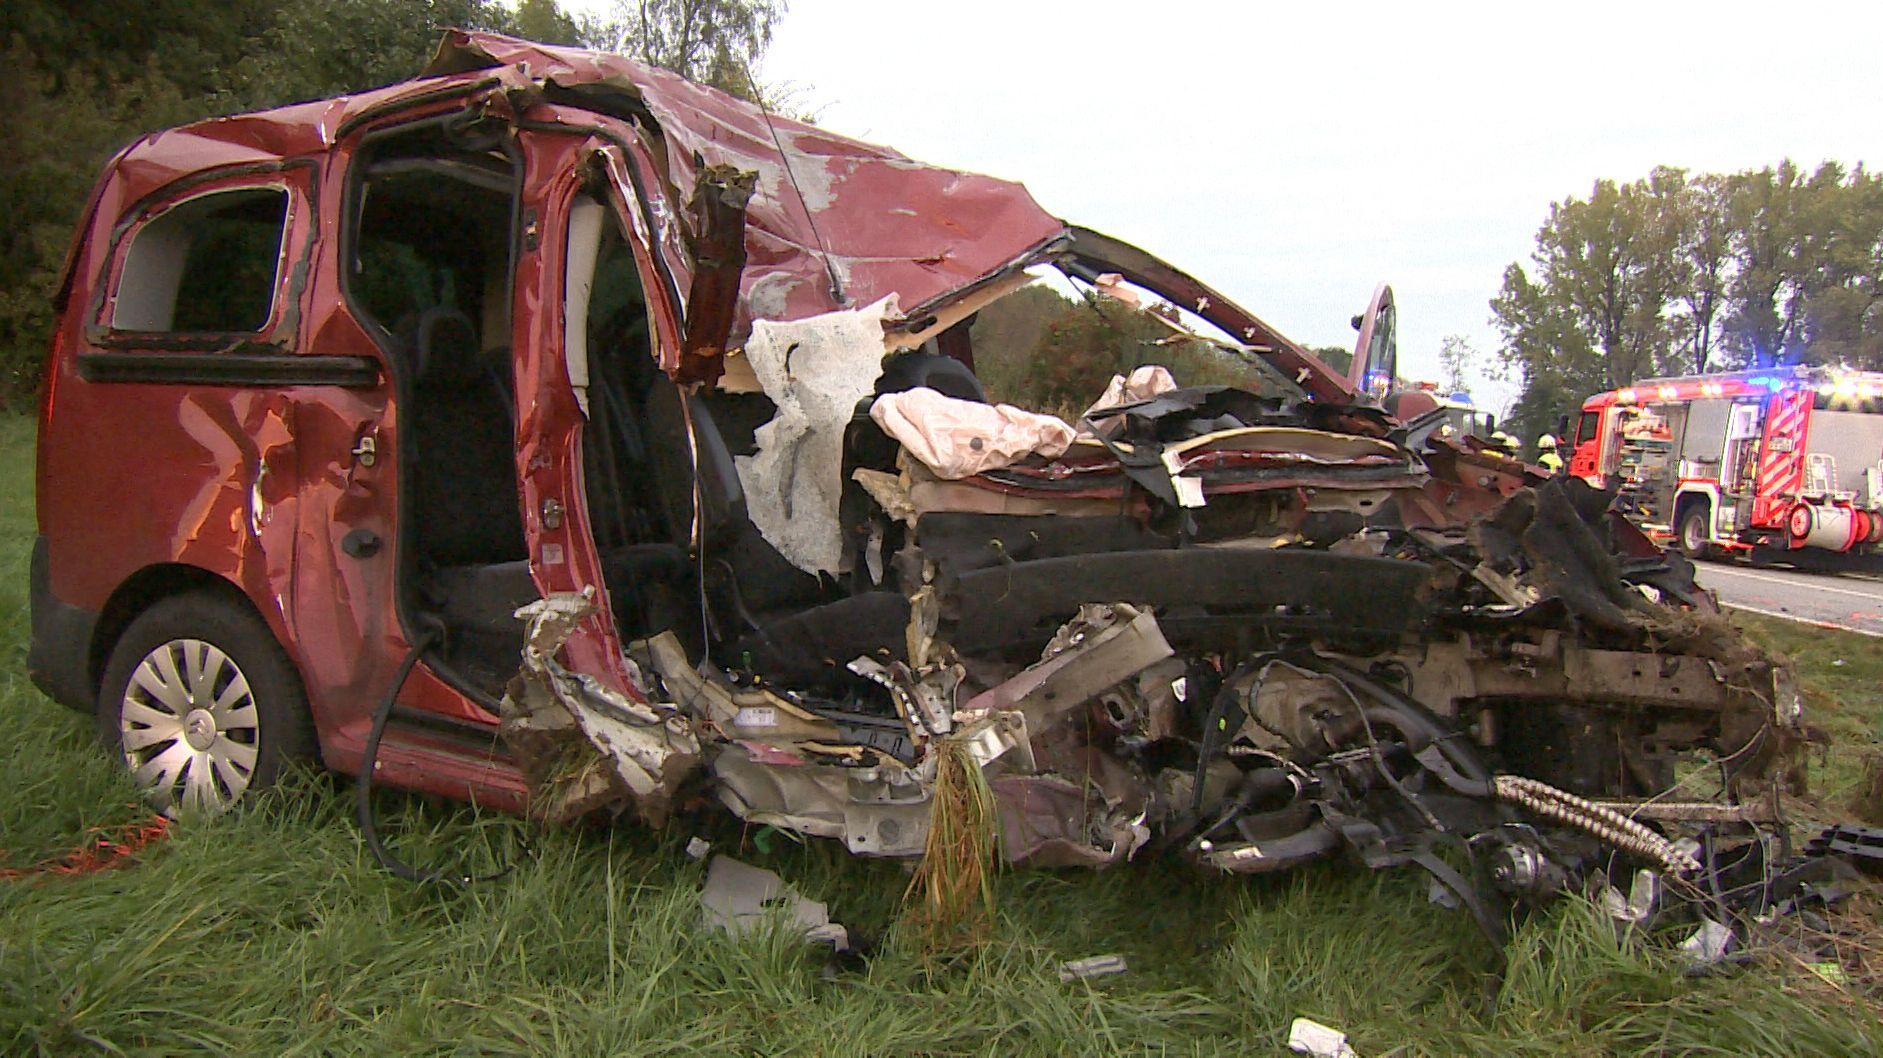 Am späten Nachmittag hat es auf der Flughafentangente zwischen der A94 und Markt Schwaben bei München einen schweren Unfall gegeben.